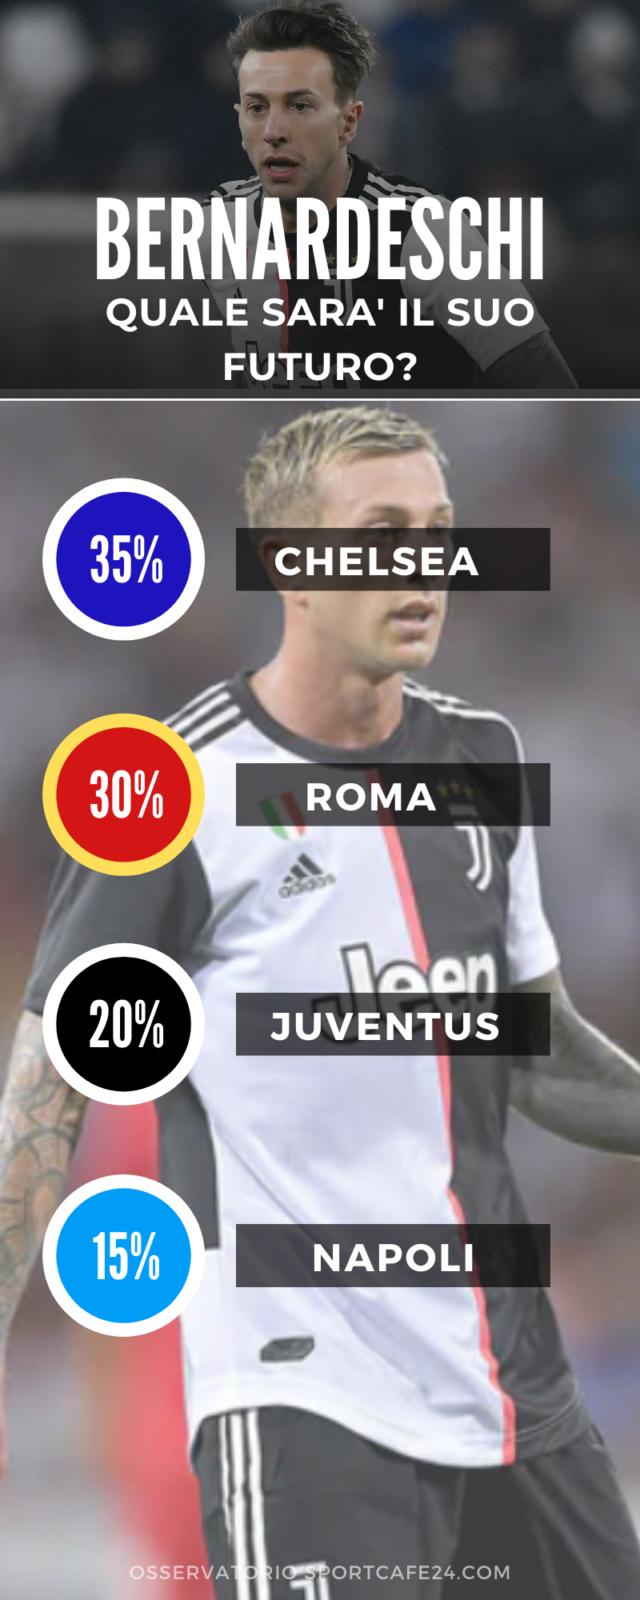 Infografica Bernardeschi Calciomercato